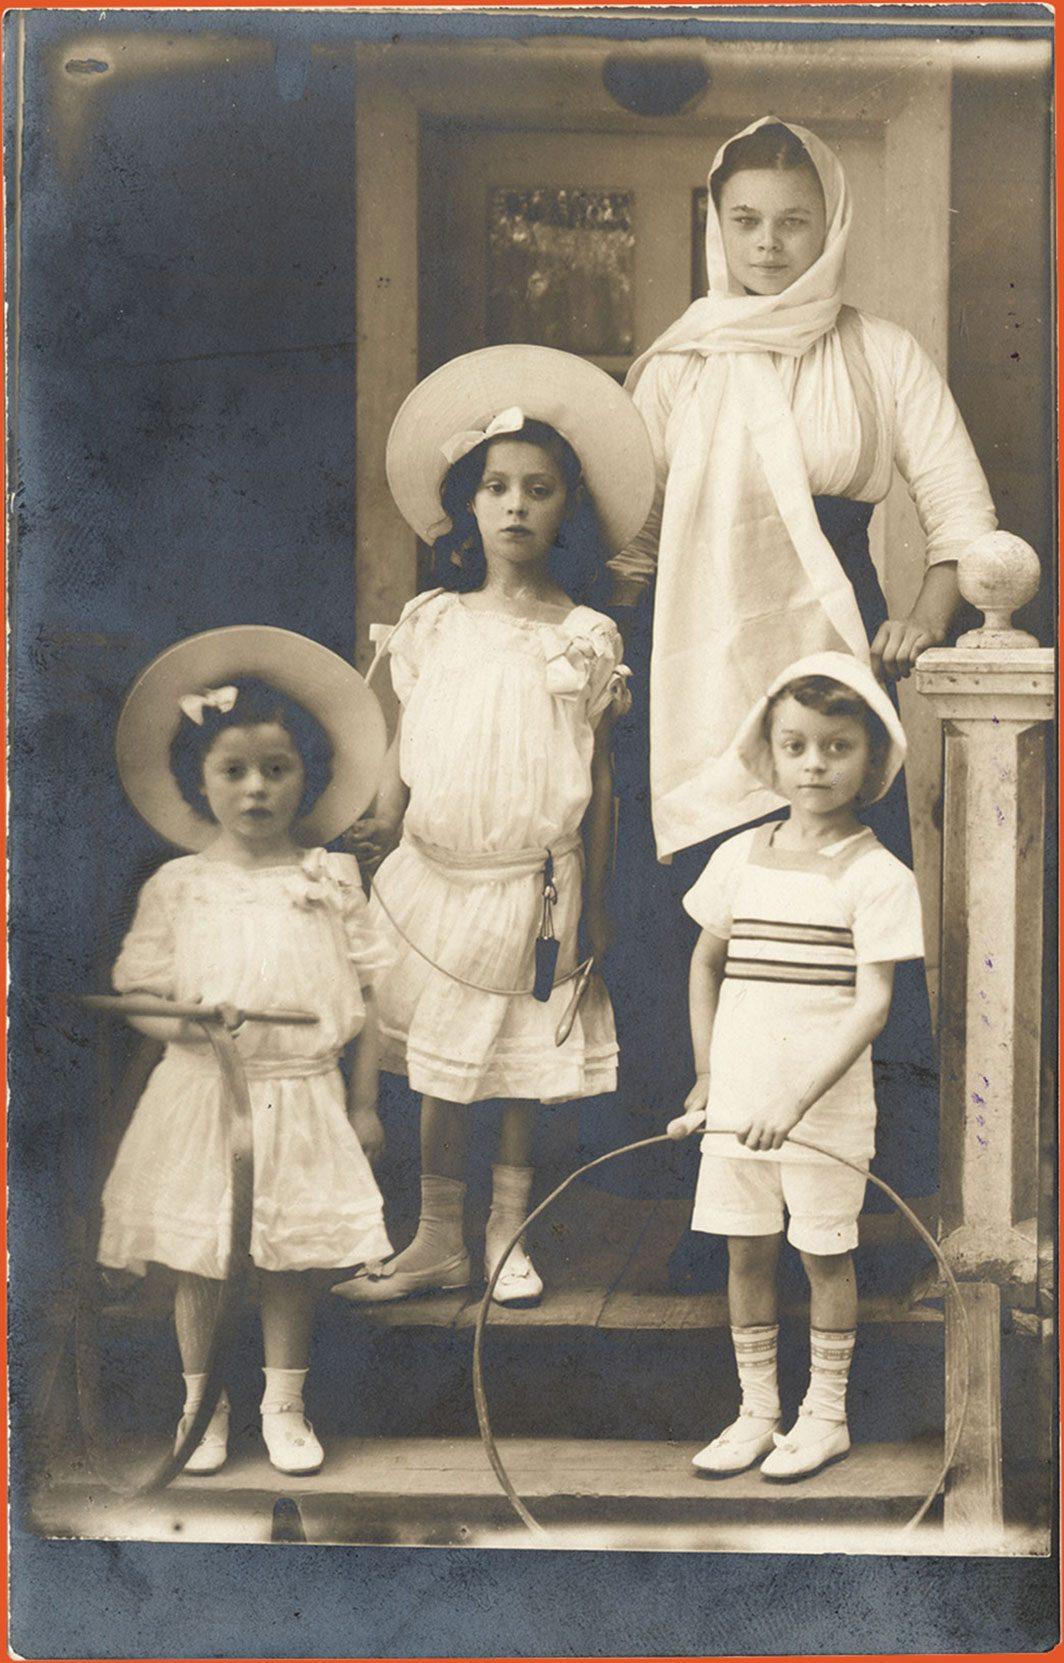 Three children in resort attire